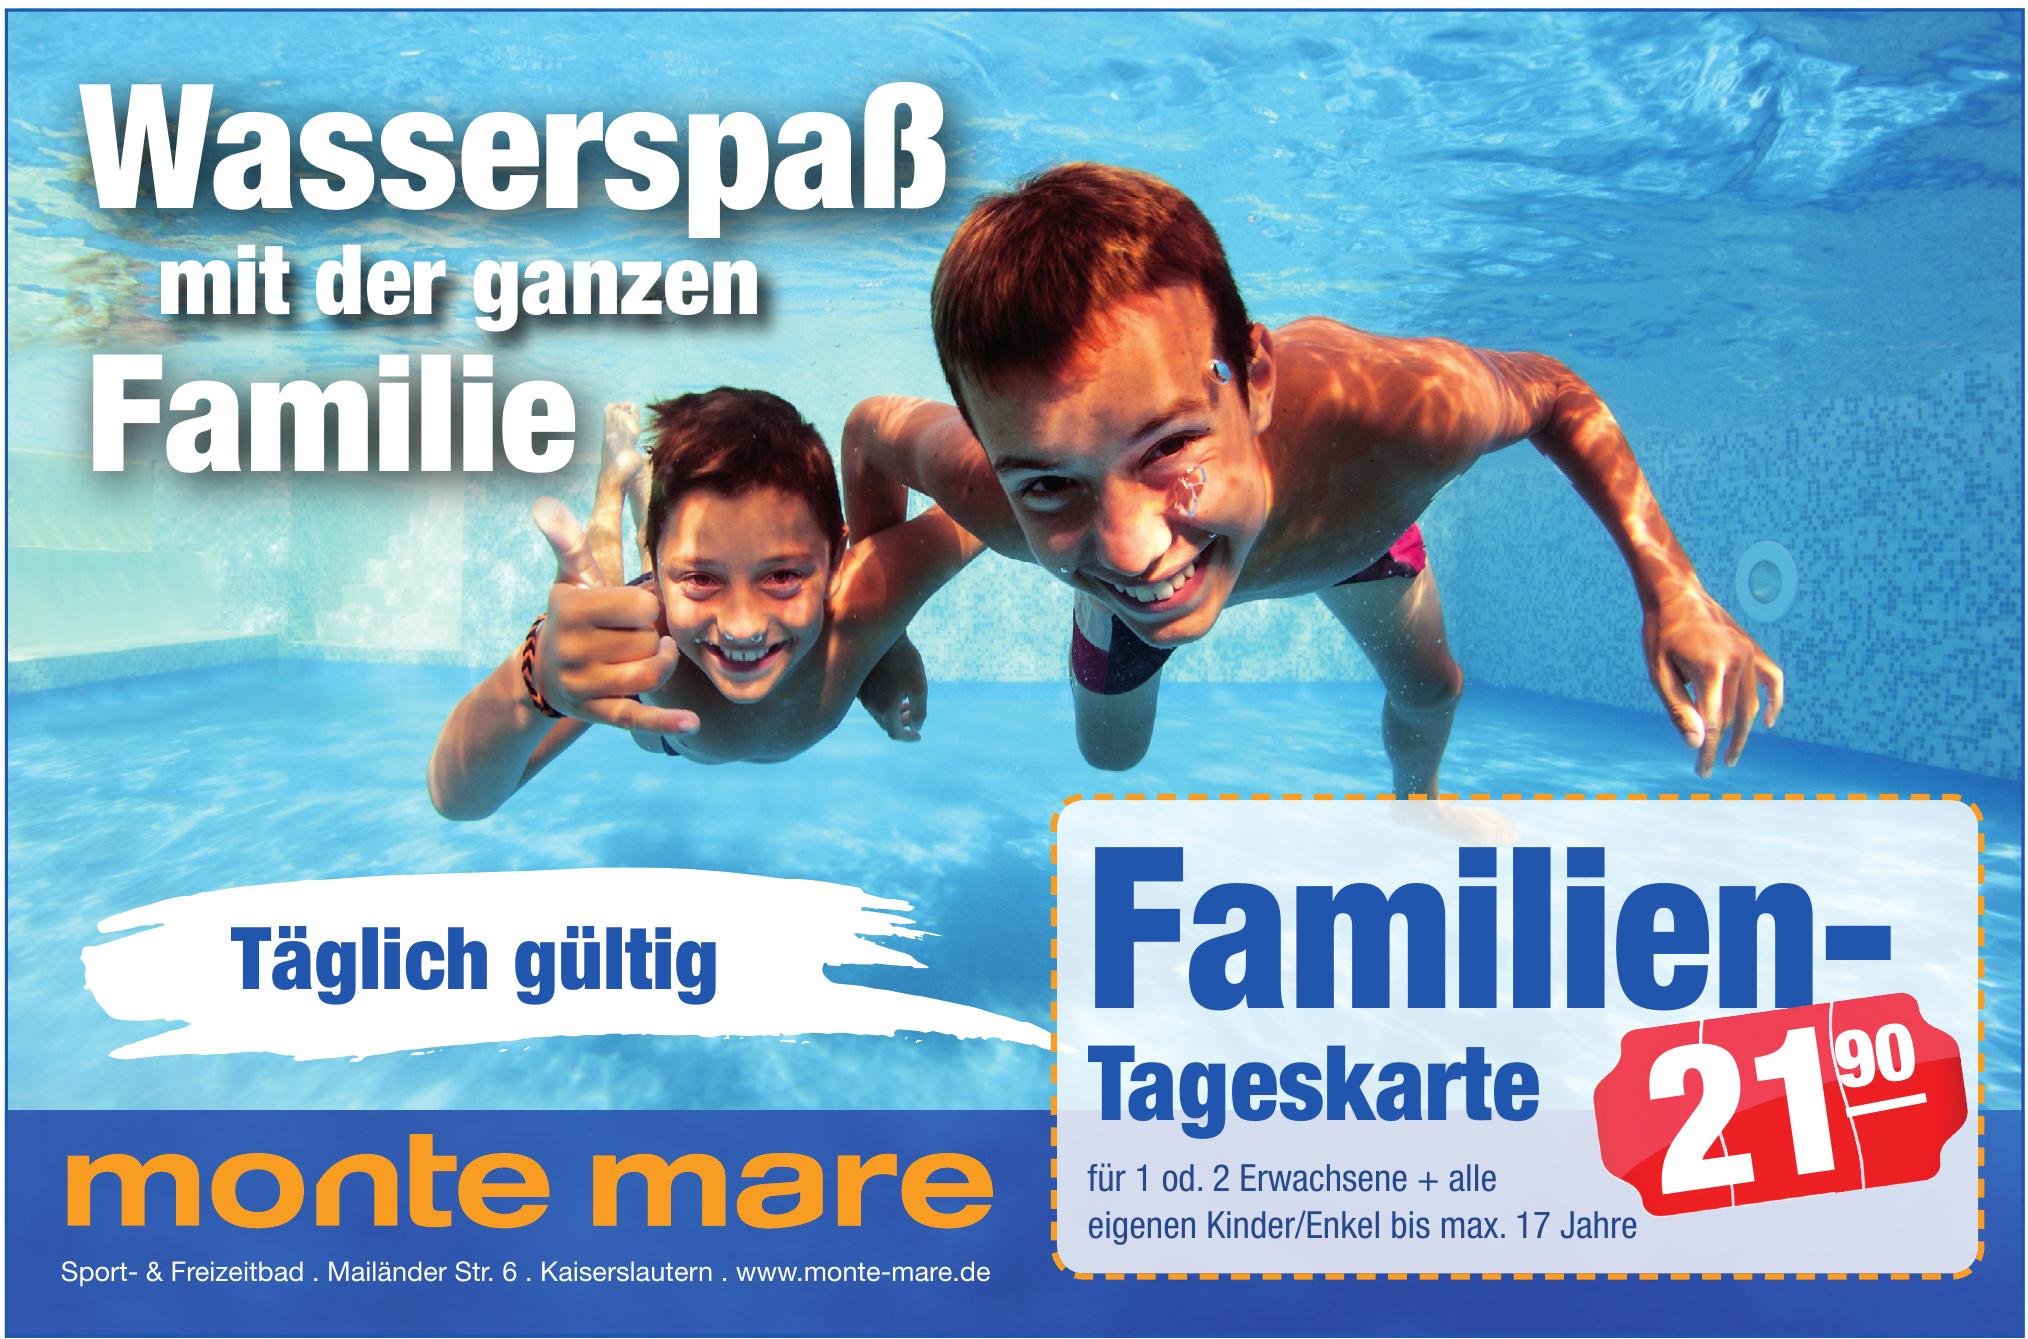 monte mare Sport- & Freizeitbad